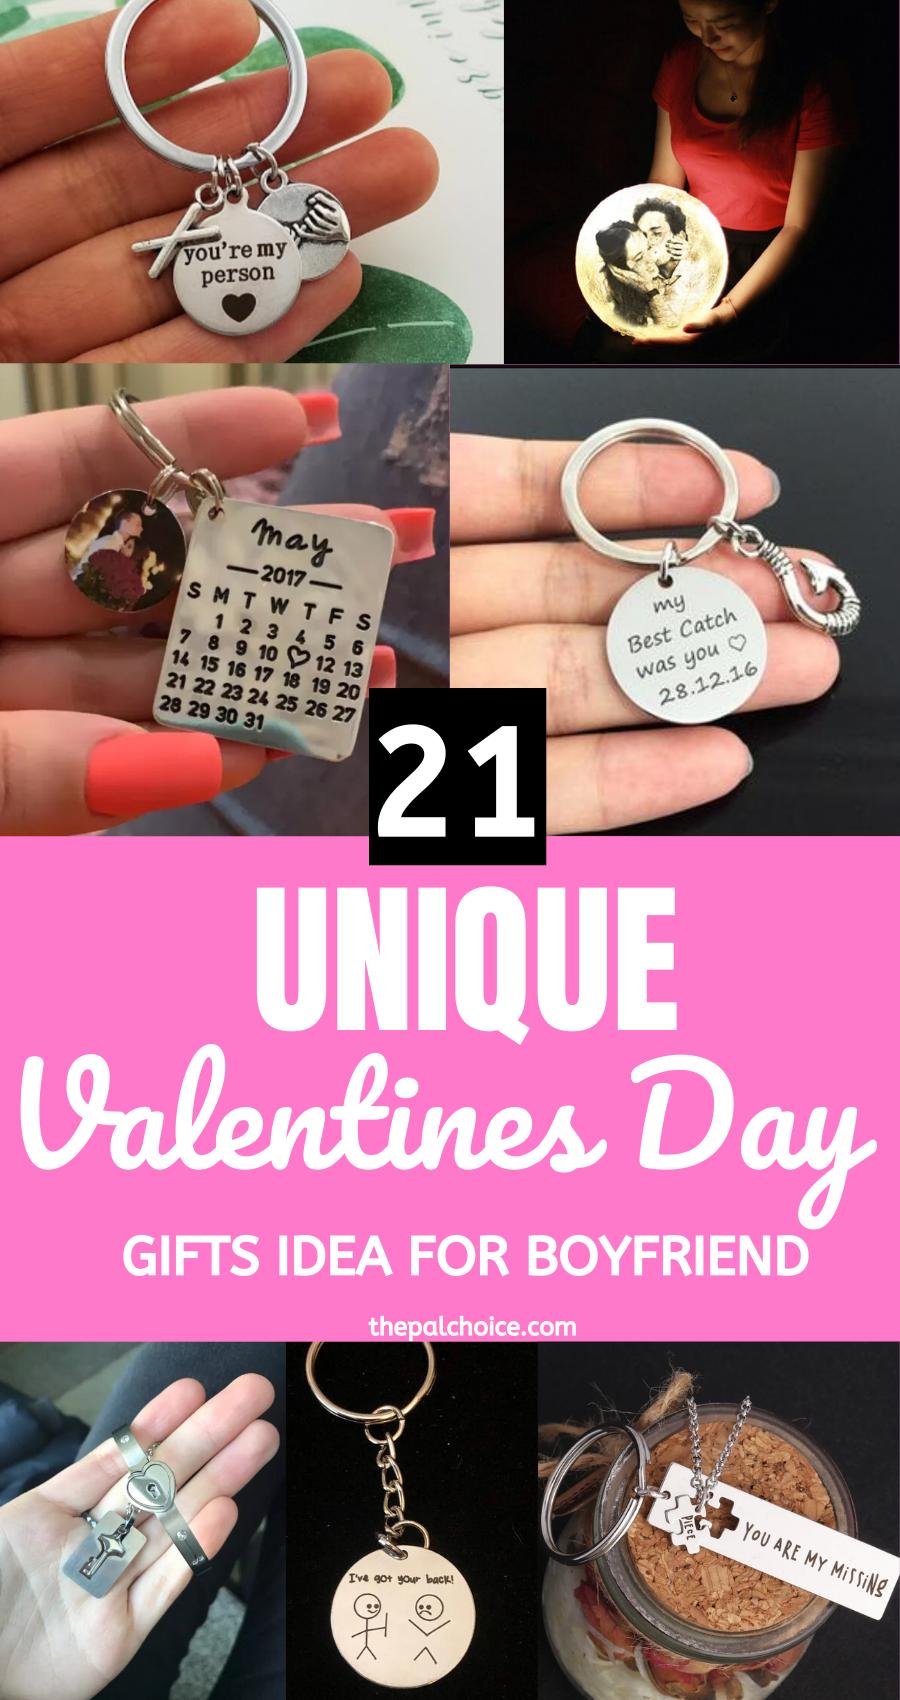 20 Unique&Amazing Gifts Ideas For Boyfriend Long Distance